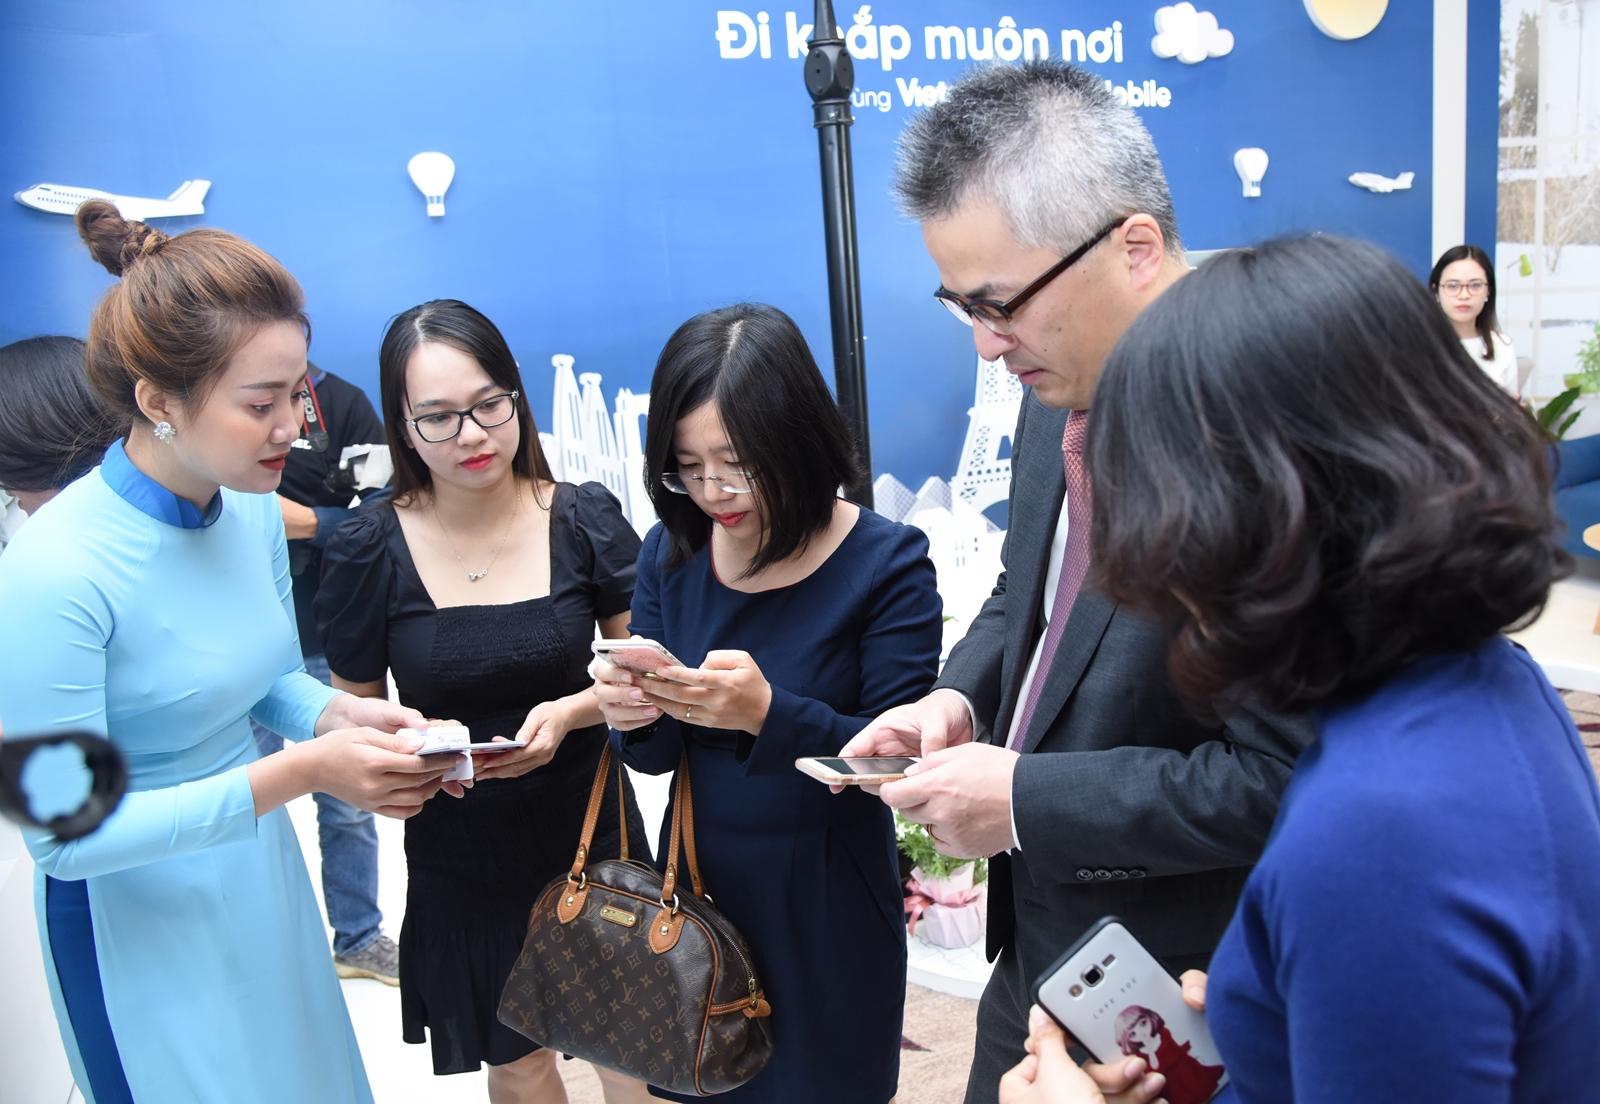 Tận hưởng cuộc sống số cùng VietinBank iPay Mobile phiên bản 5.0  - Ảnh 4